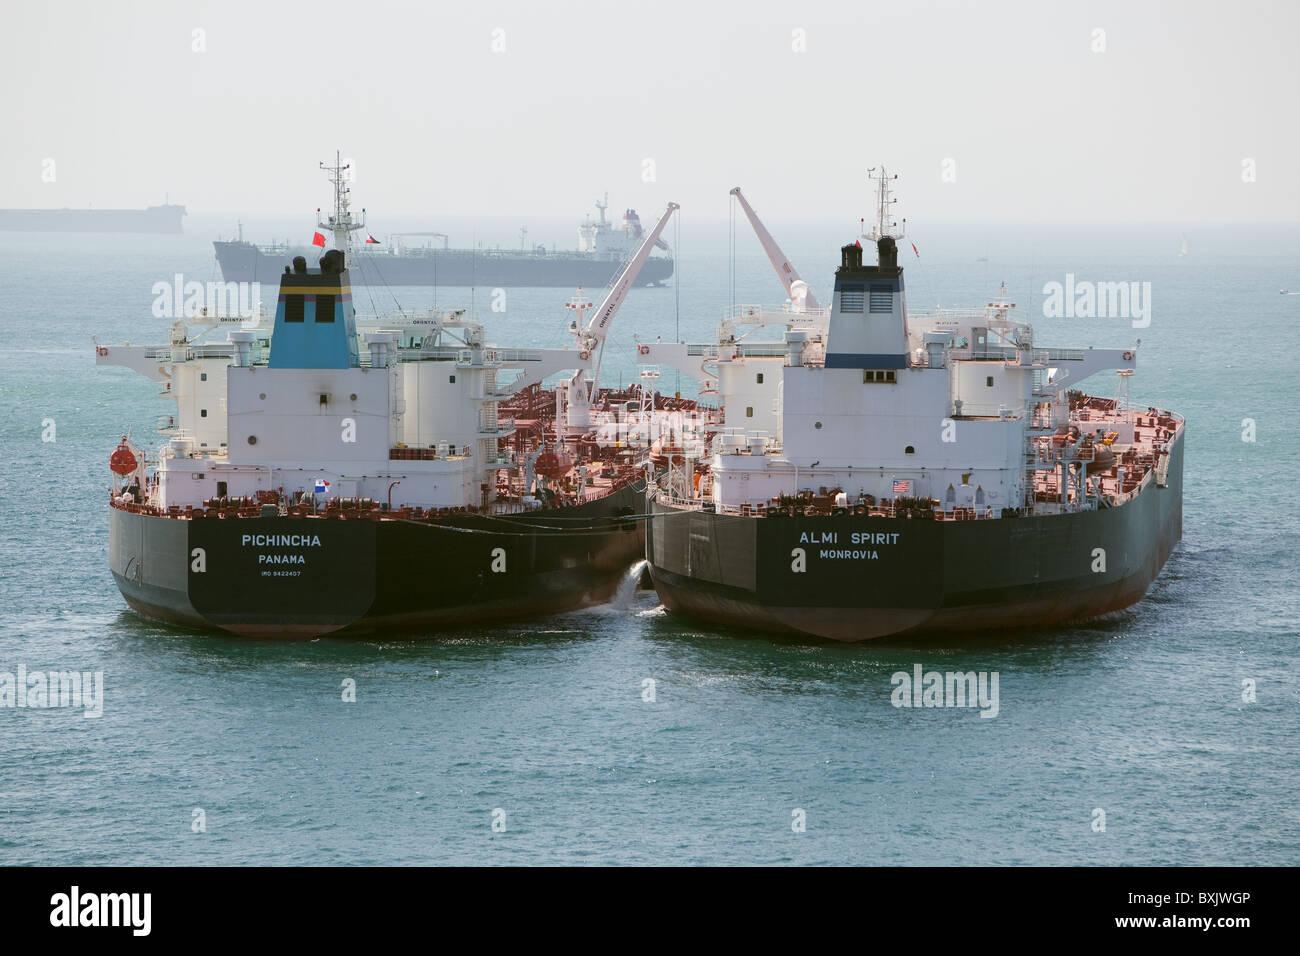 Deux navires-citernes d'huile à côté de l'autre l'exécution de 'navire à navire cargo' transfert. Gibraltar. Alléger un navire dans l'autre. Banque D'Images